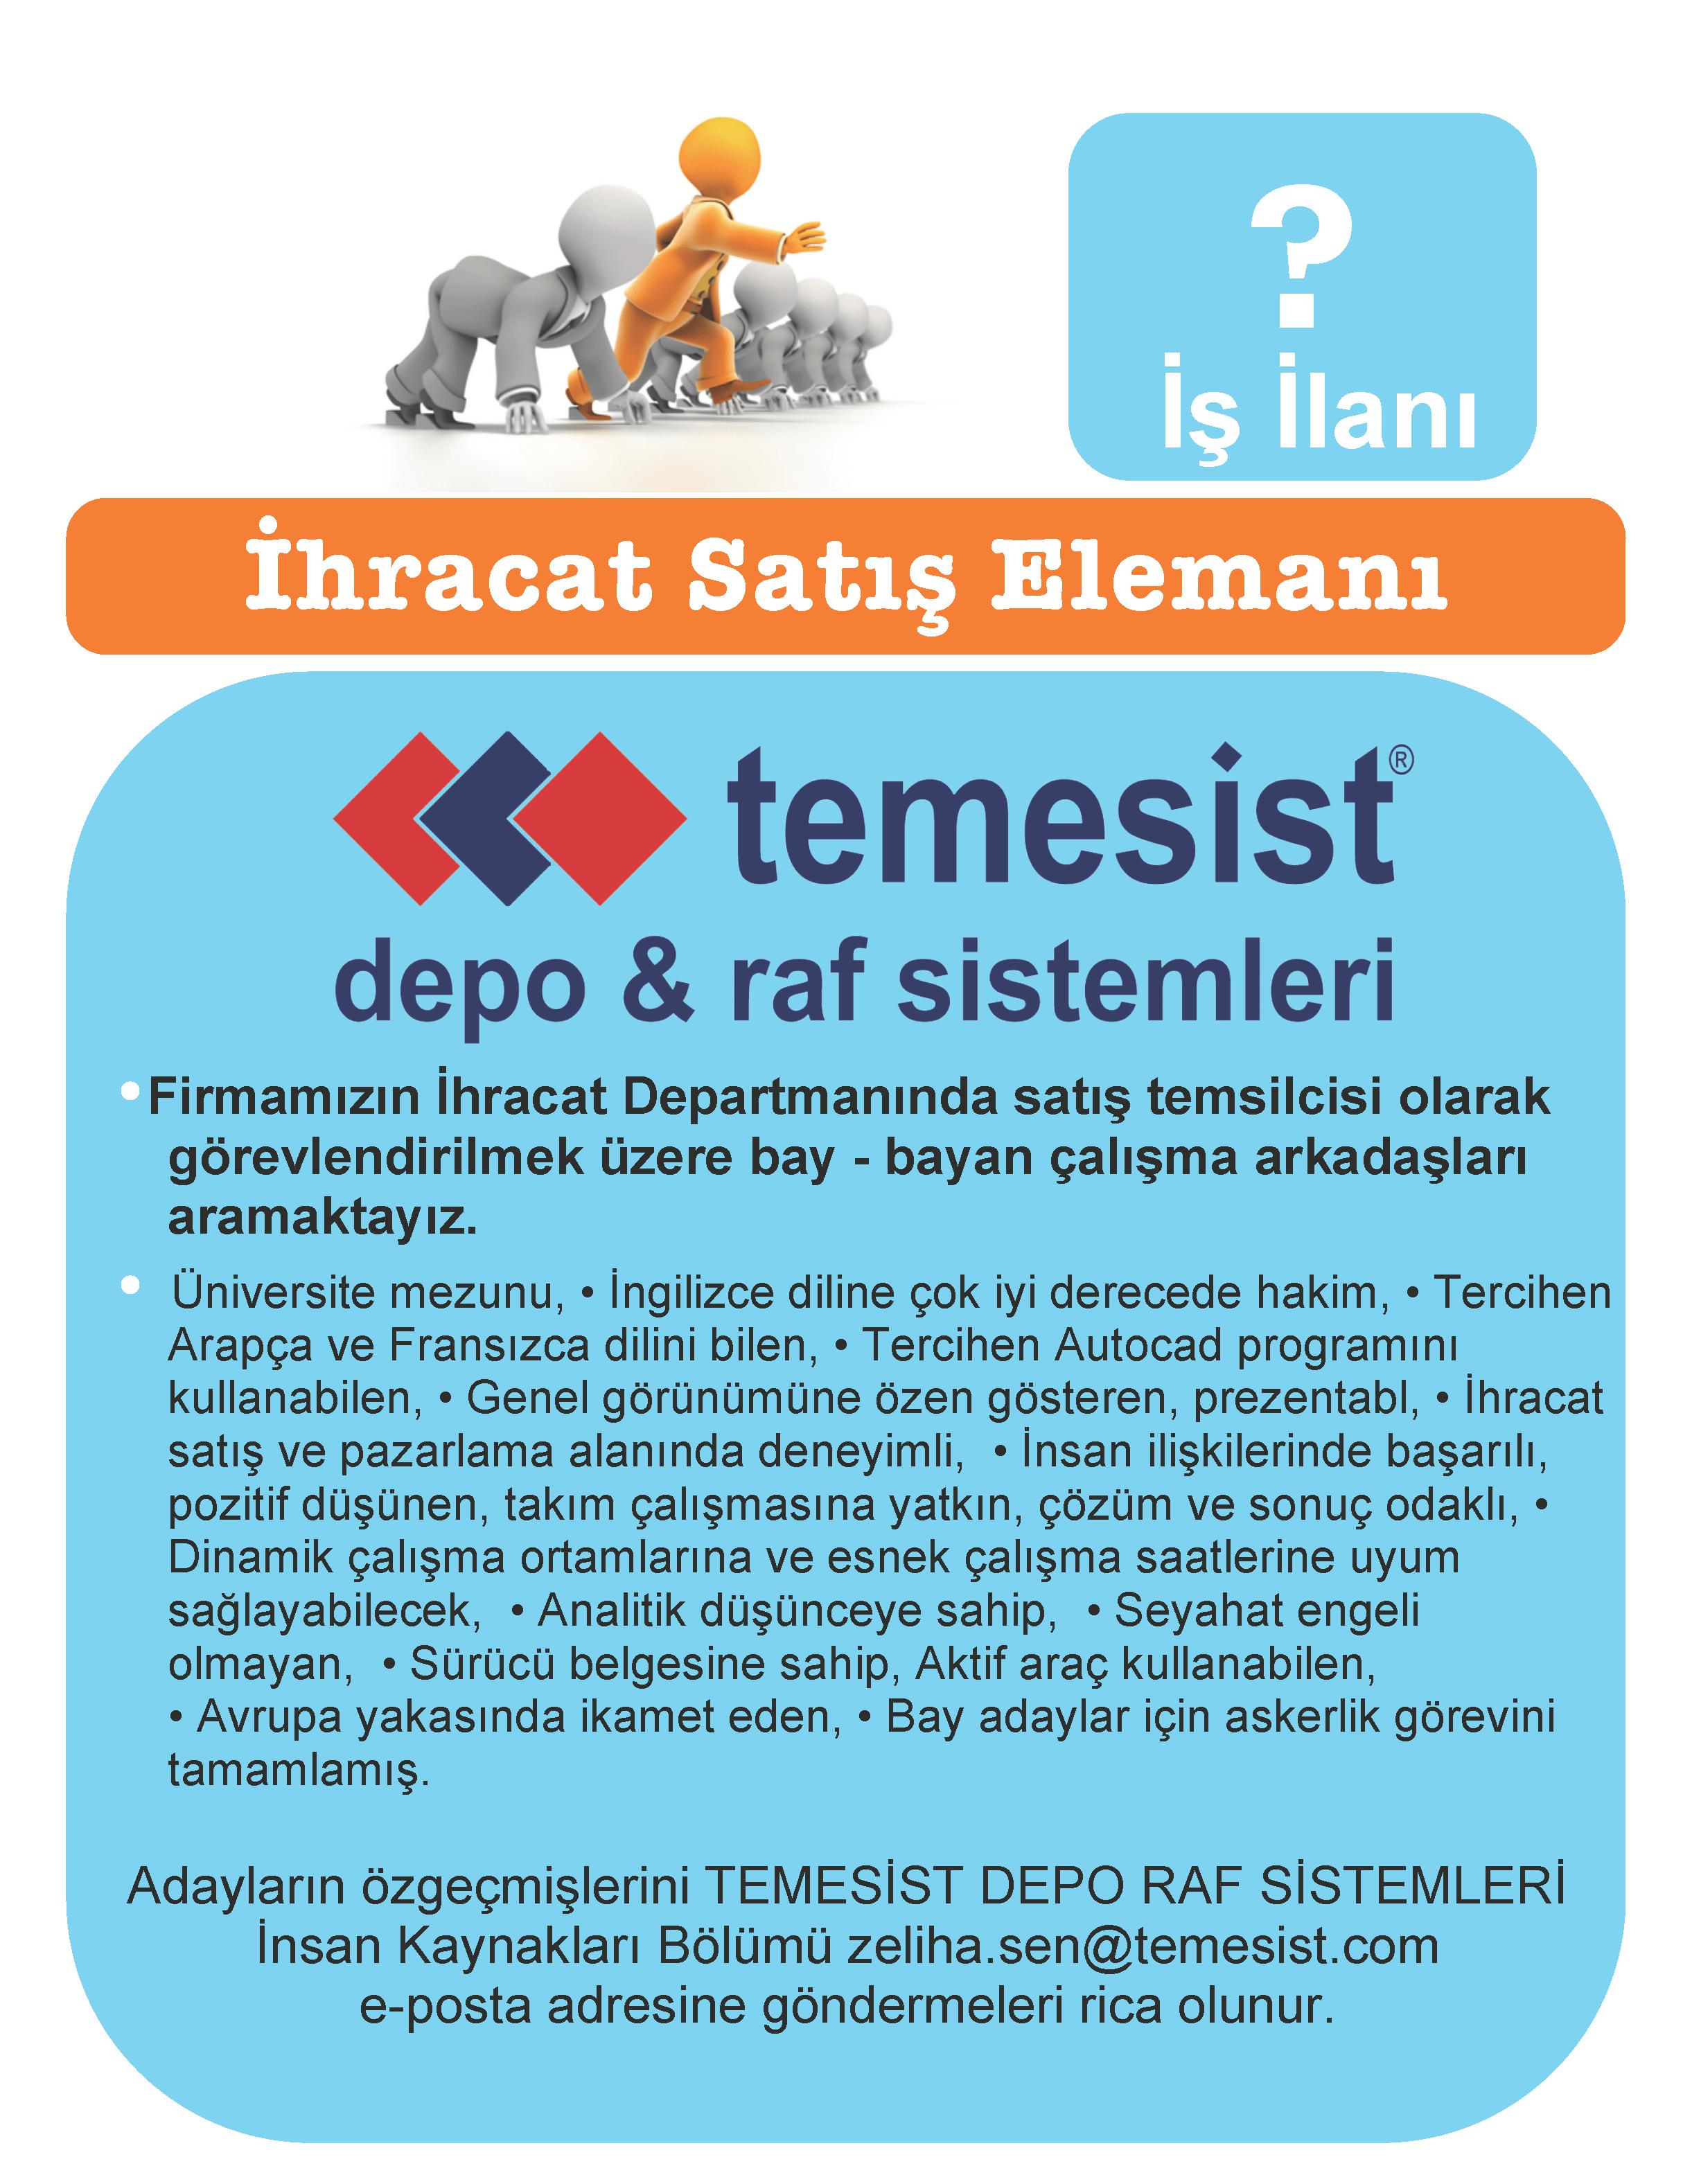 ihracat_satis_elemani